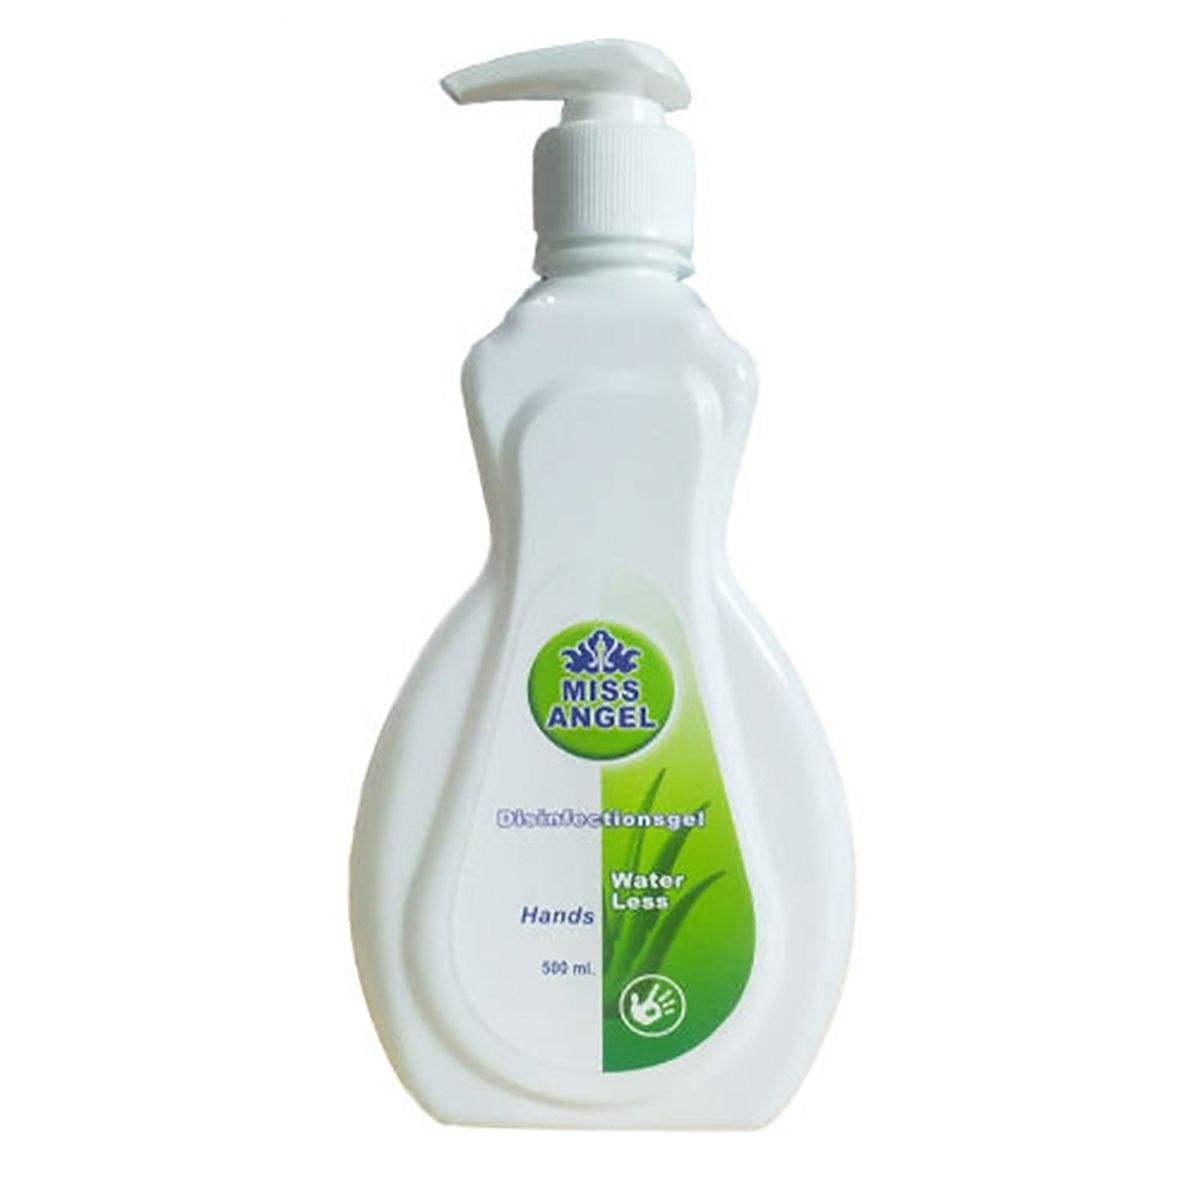 ژل ضد عفونی و پاک کننده میس آنجل   ژل پاک کننده و ضدعفونی کننده بدون نیاز به آب